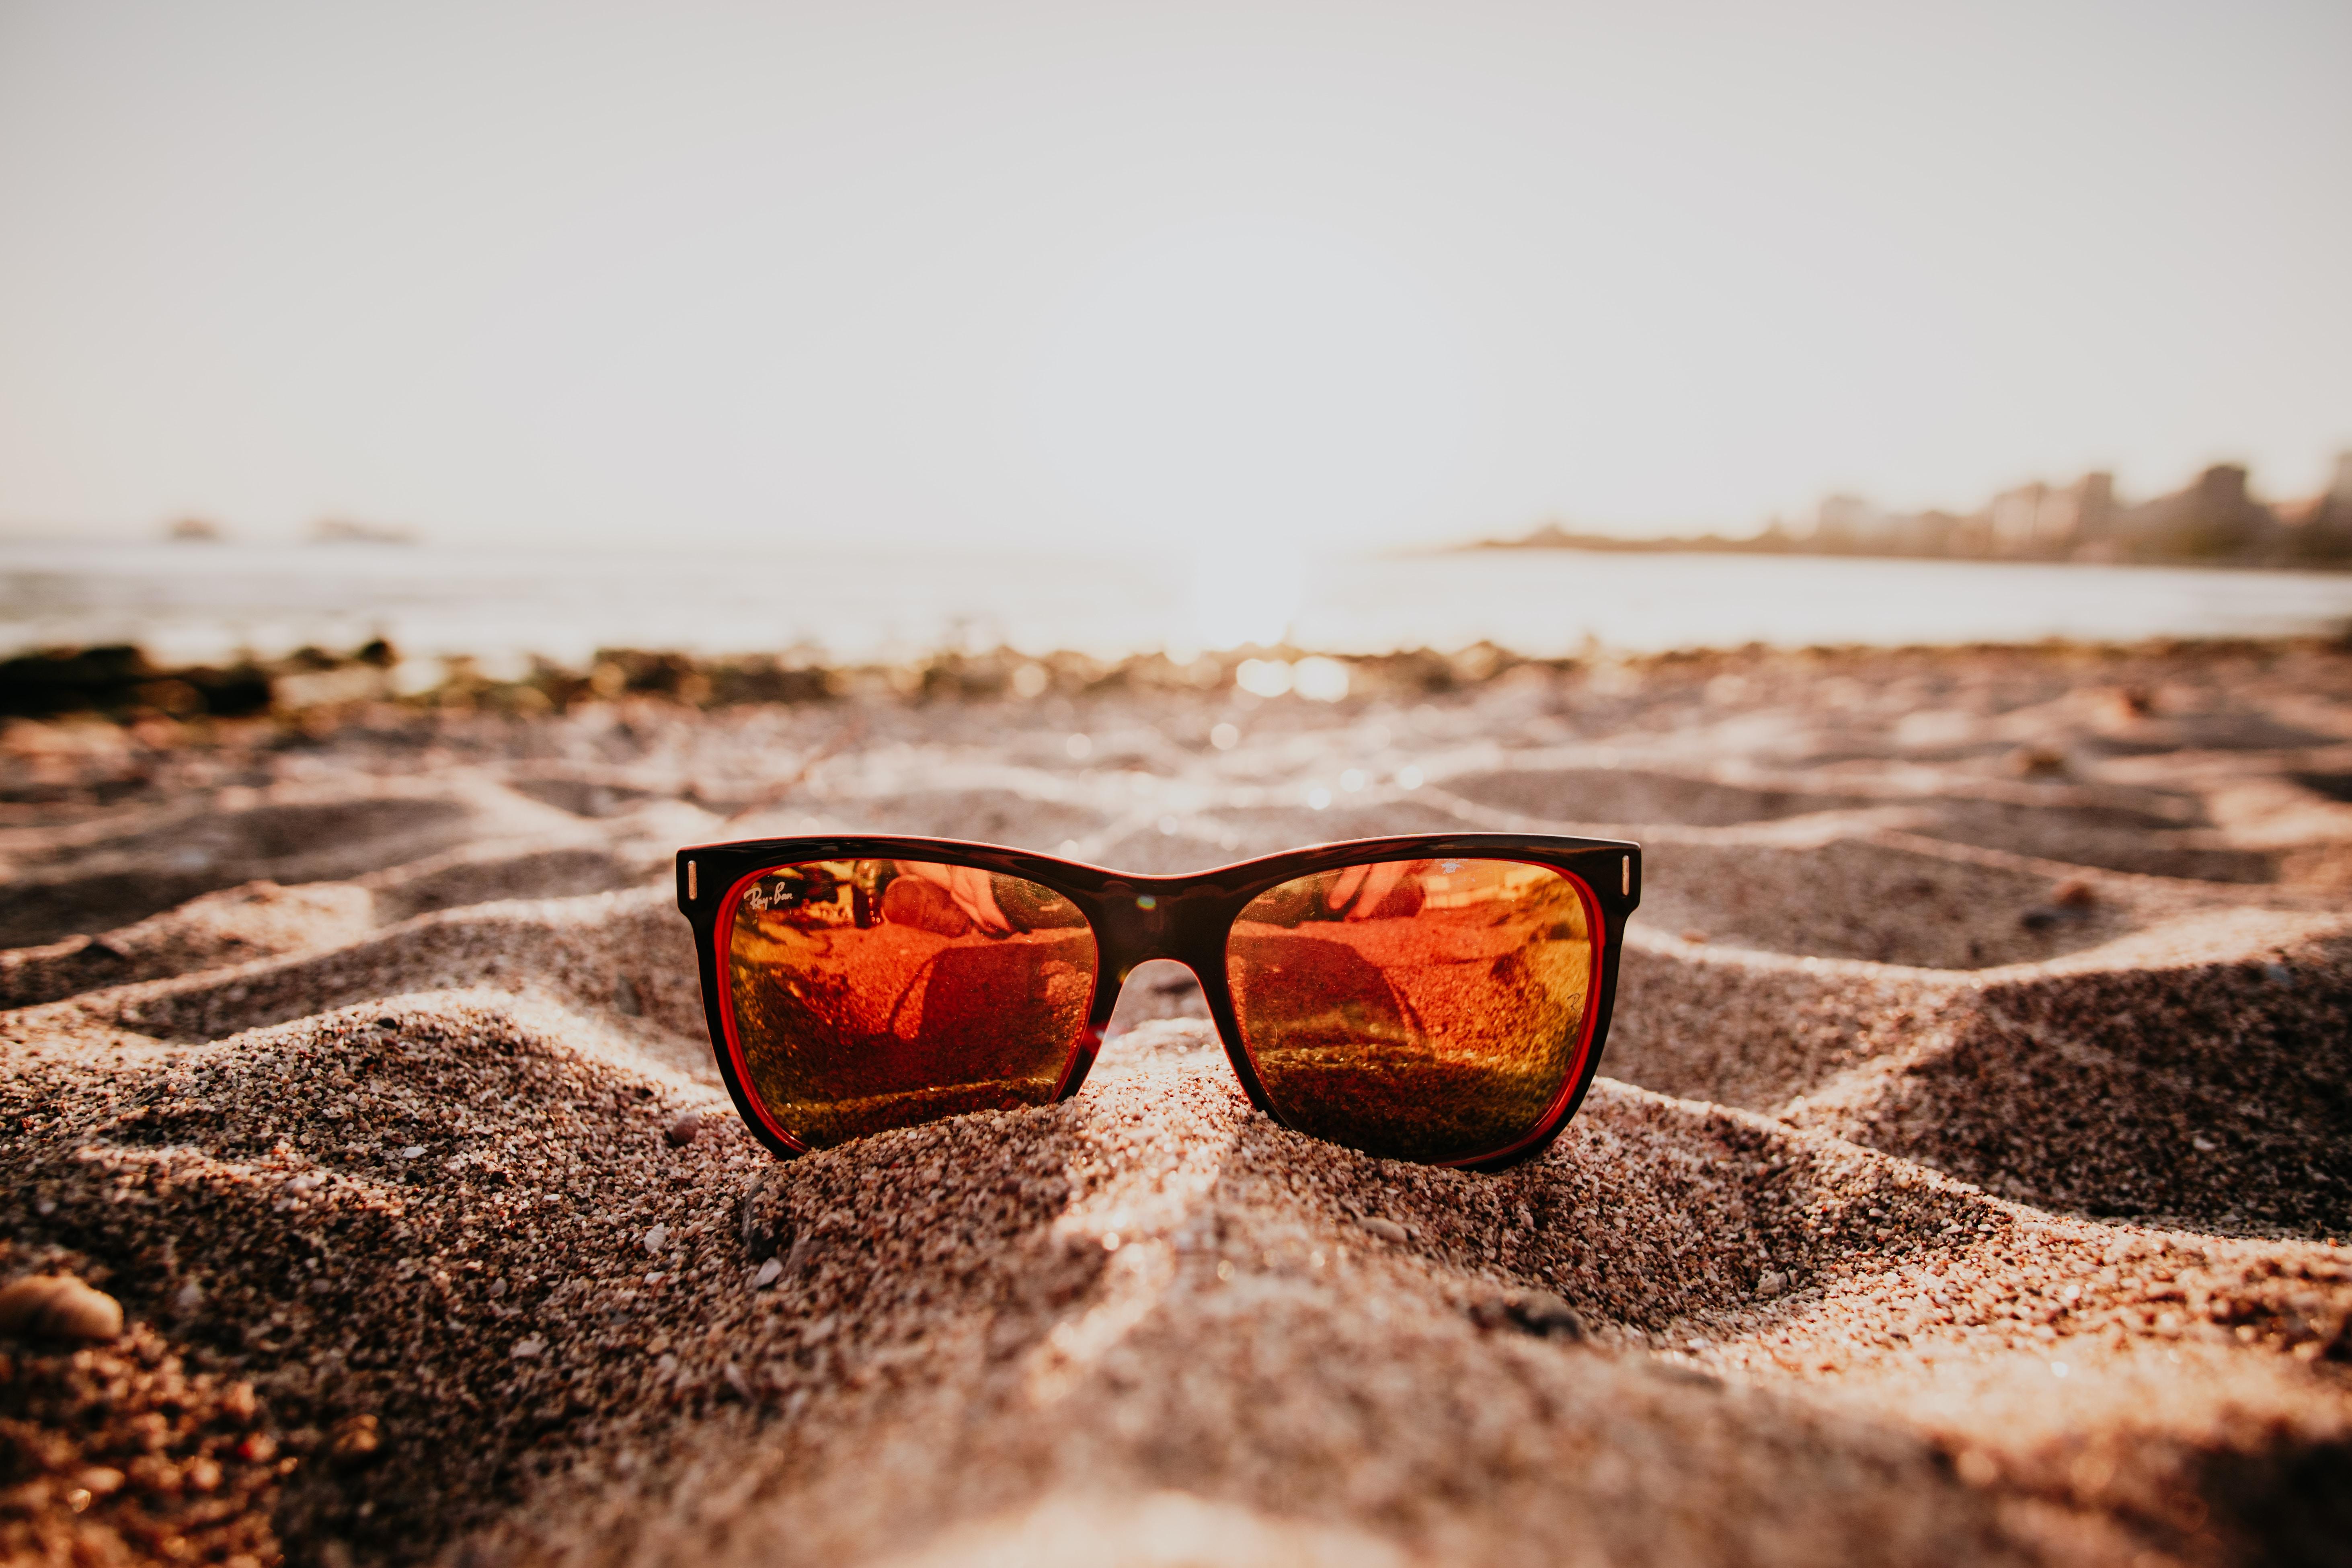 sunglasses on sand